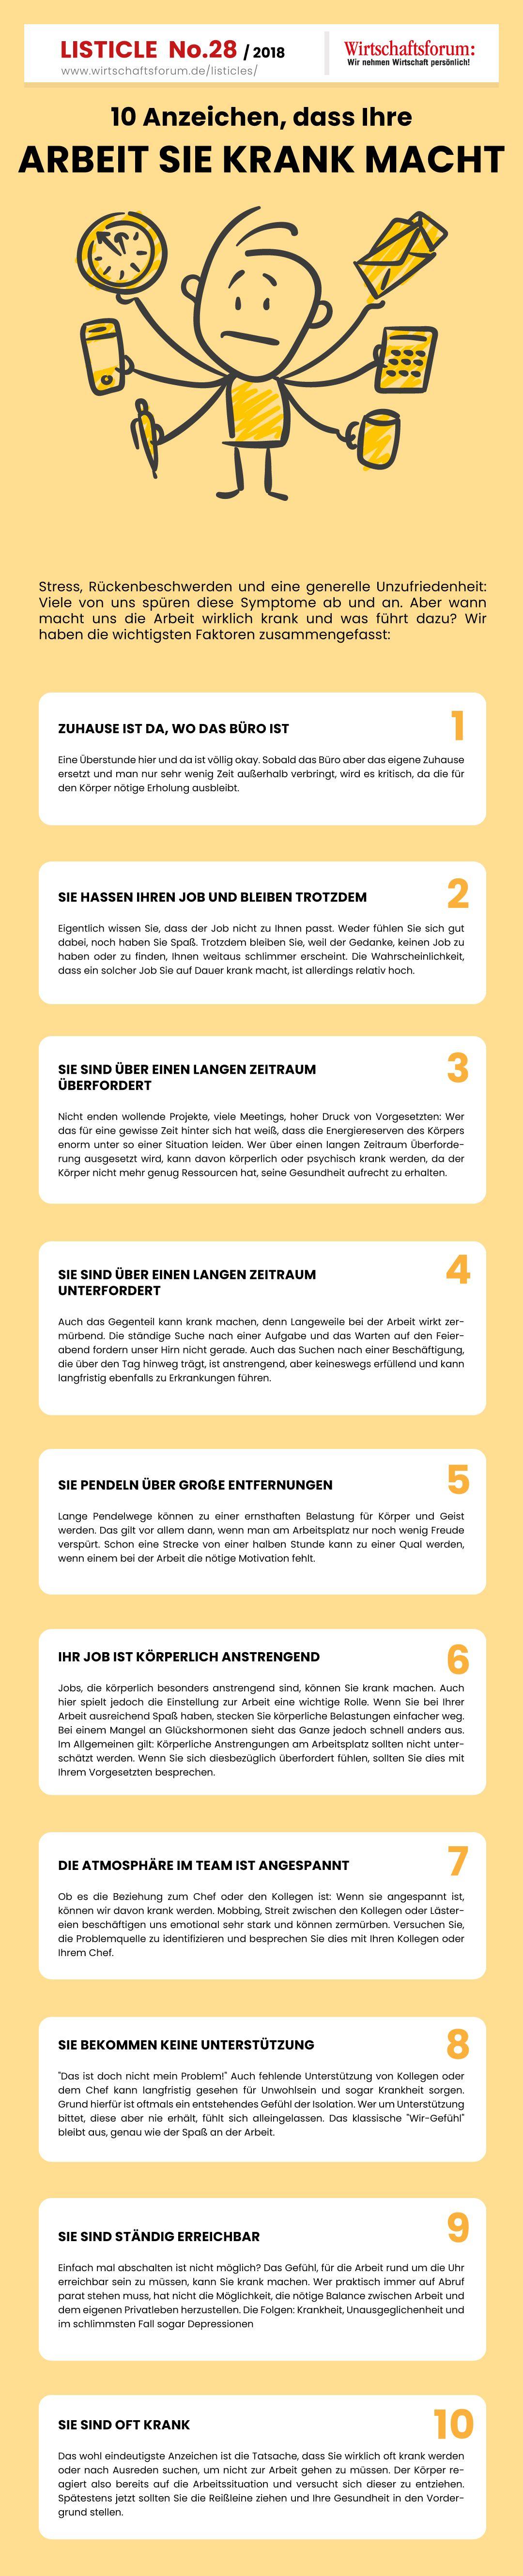 10 Anzeichen Dass Ihre Arbeit Sie Krank Macht